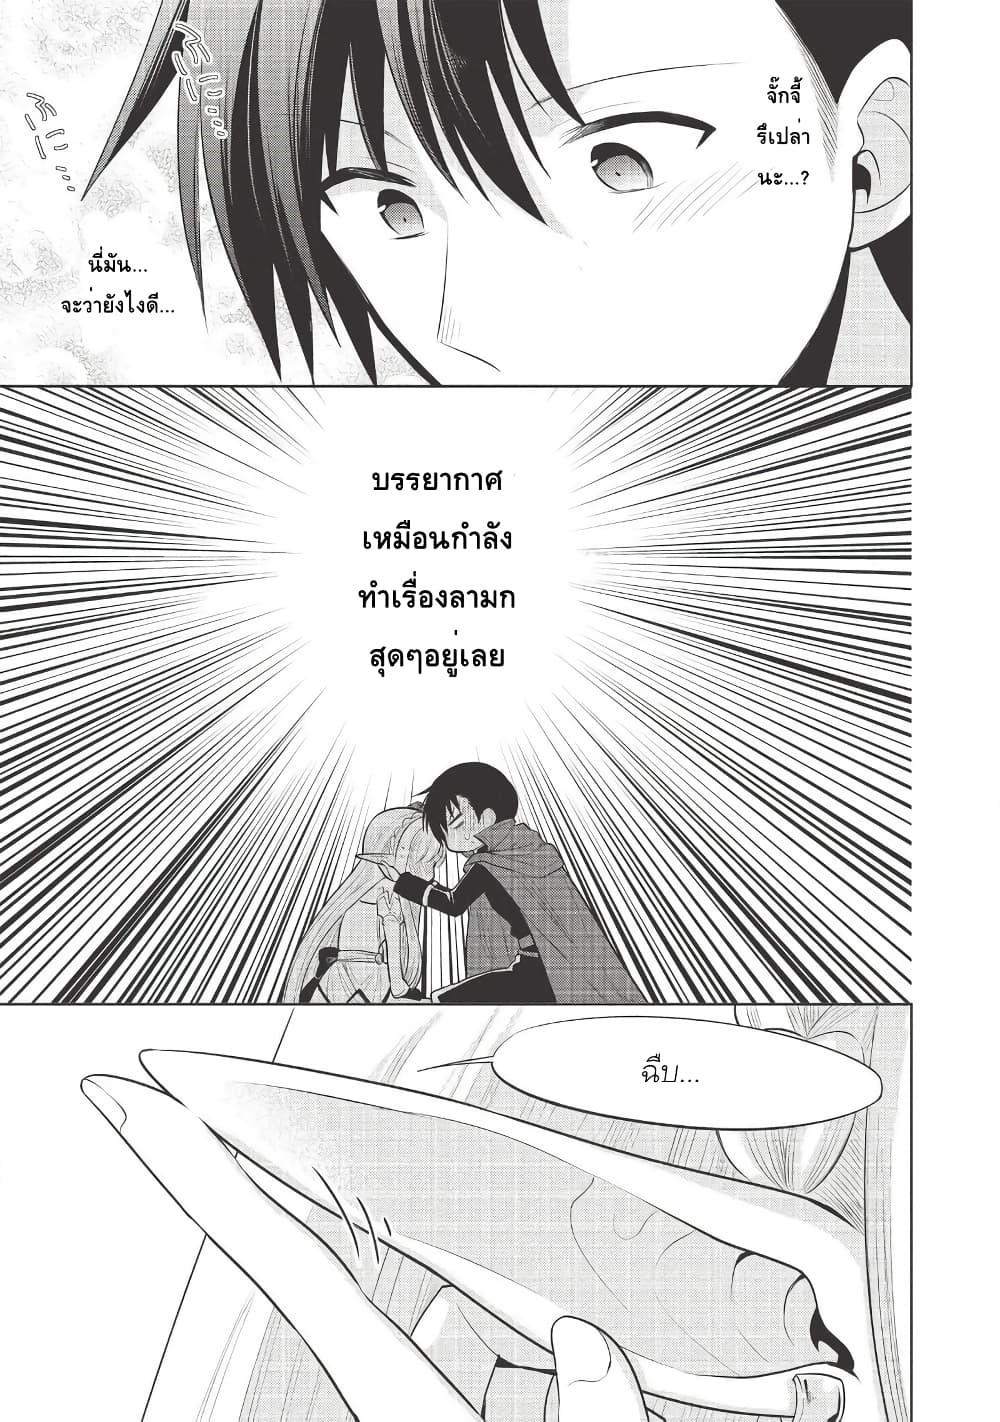 อ่านการ์ตูน Maou no Ore ga Dorei Elf wo Yome ni Shitanda ga Dou Medereba Ii ตอนที่ 29 หน้าที่ 9